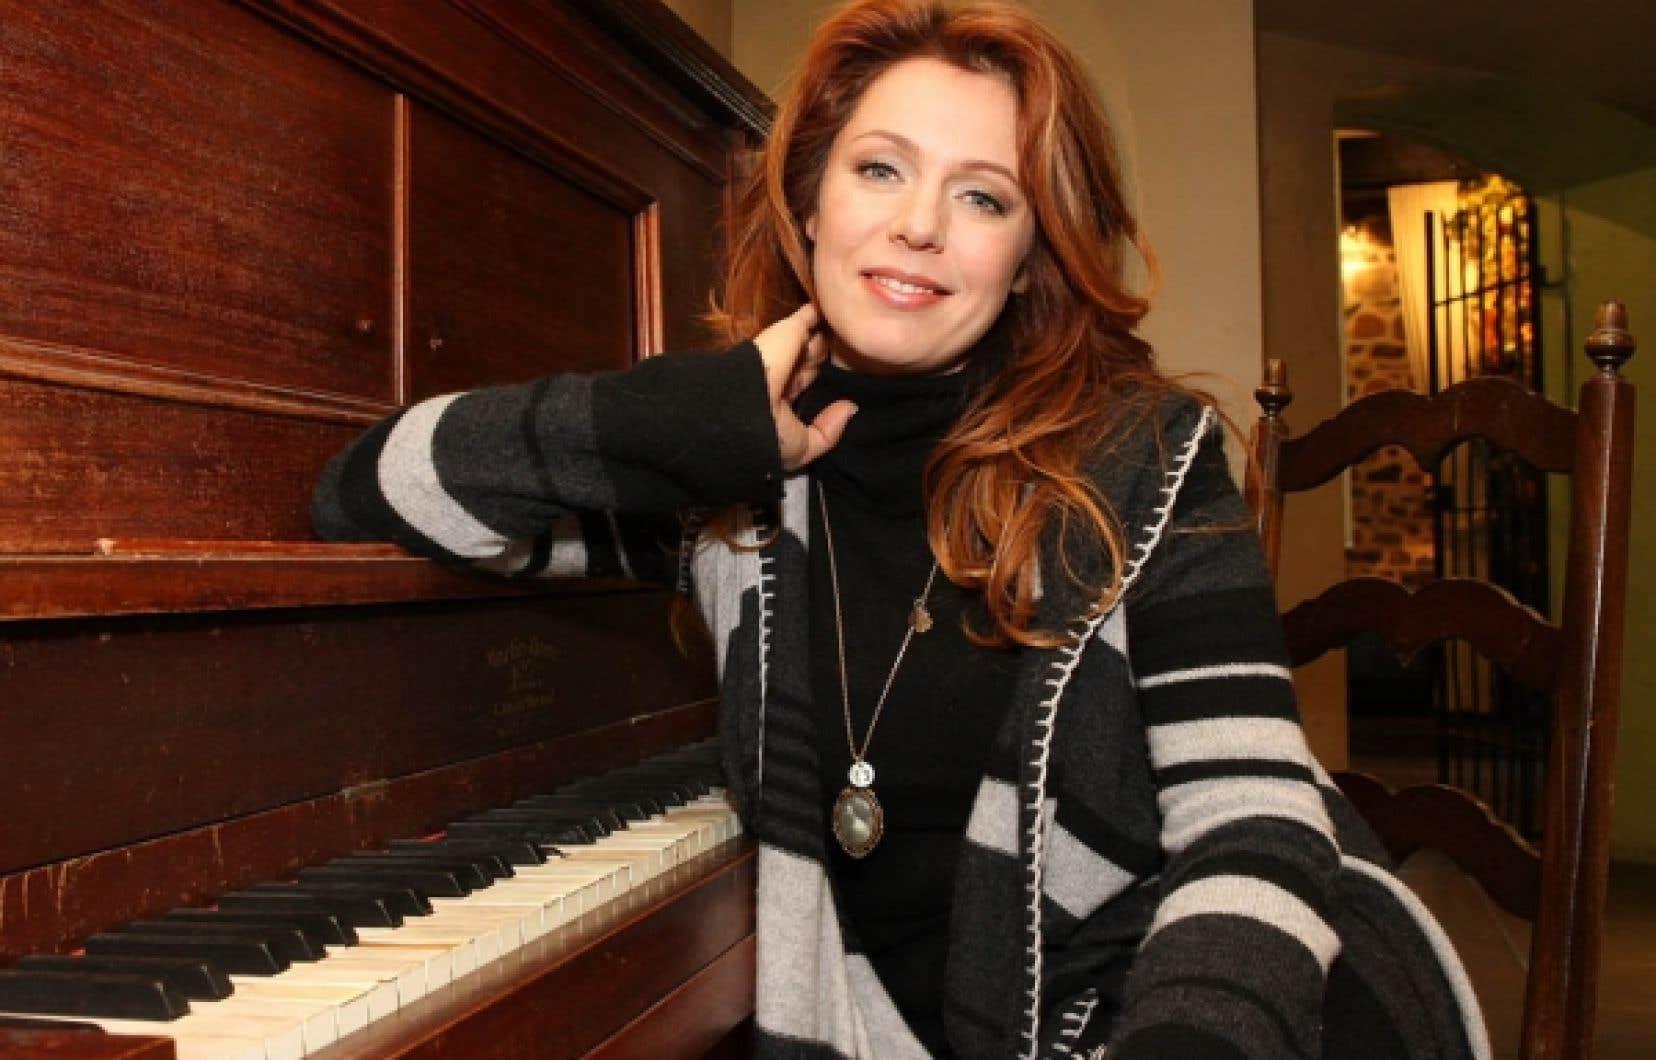 Chansons pour les mois d'hiver, d'Isabelle Boulay, est un album pour avoir un peu plus chaud quand il fait froid.